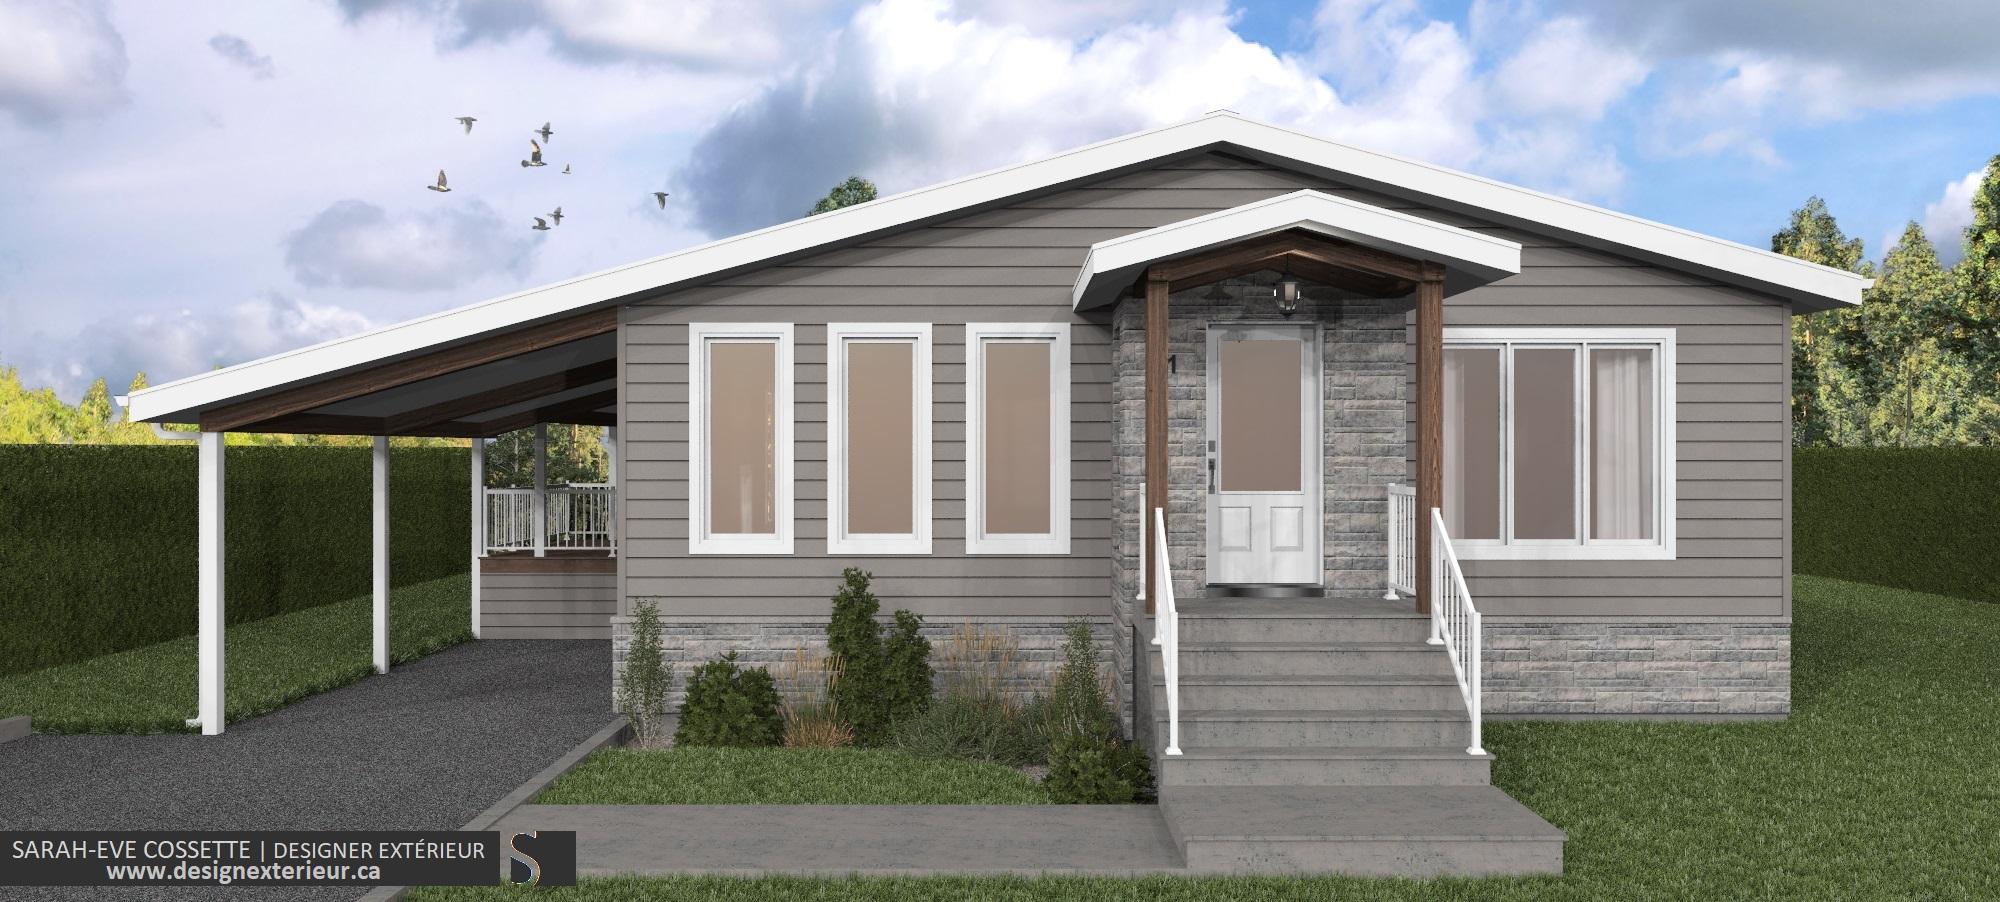 Projet Design exterieur 2020-DE001-2.0 maison a Amos visuel 2